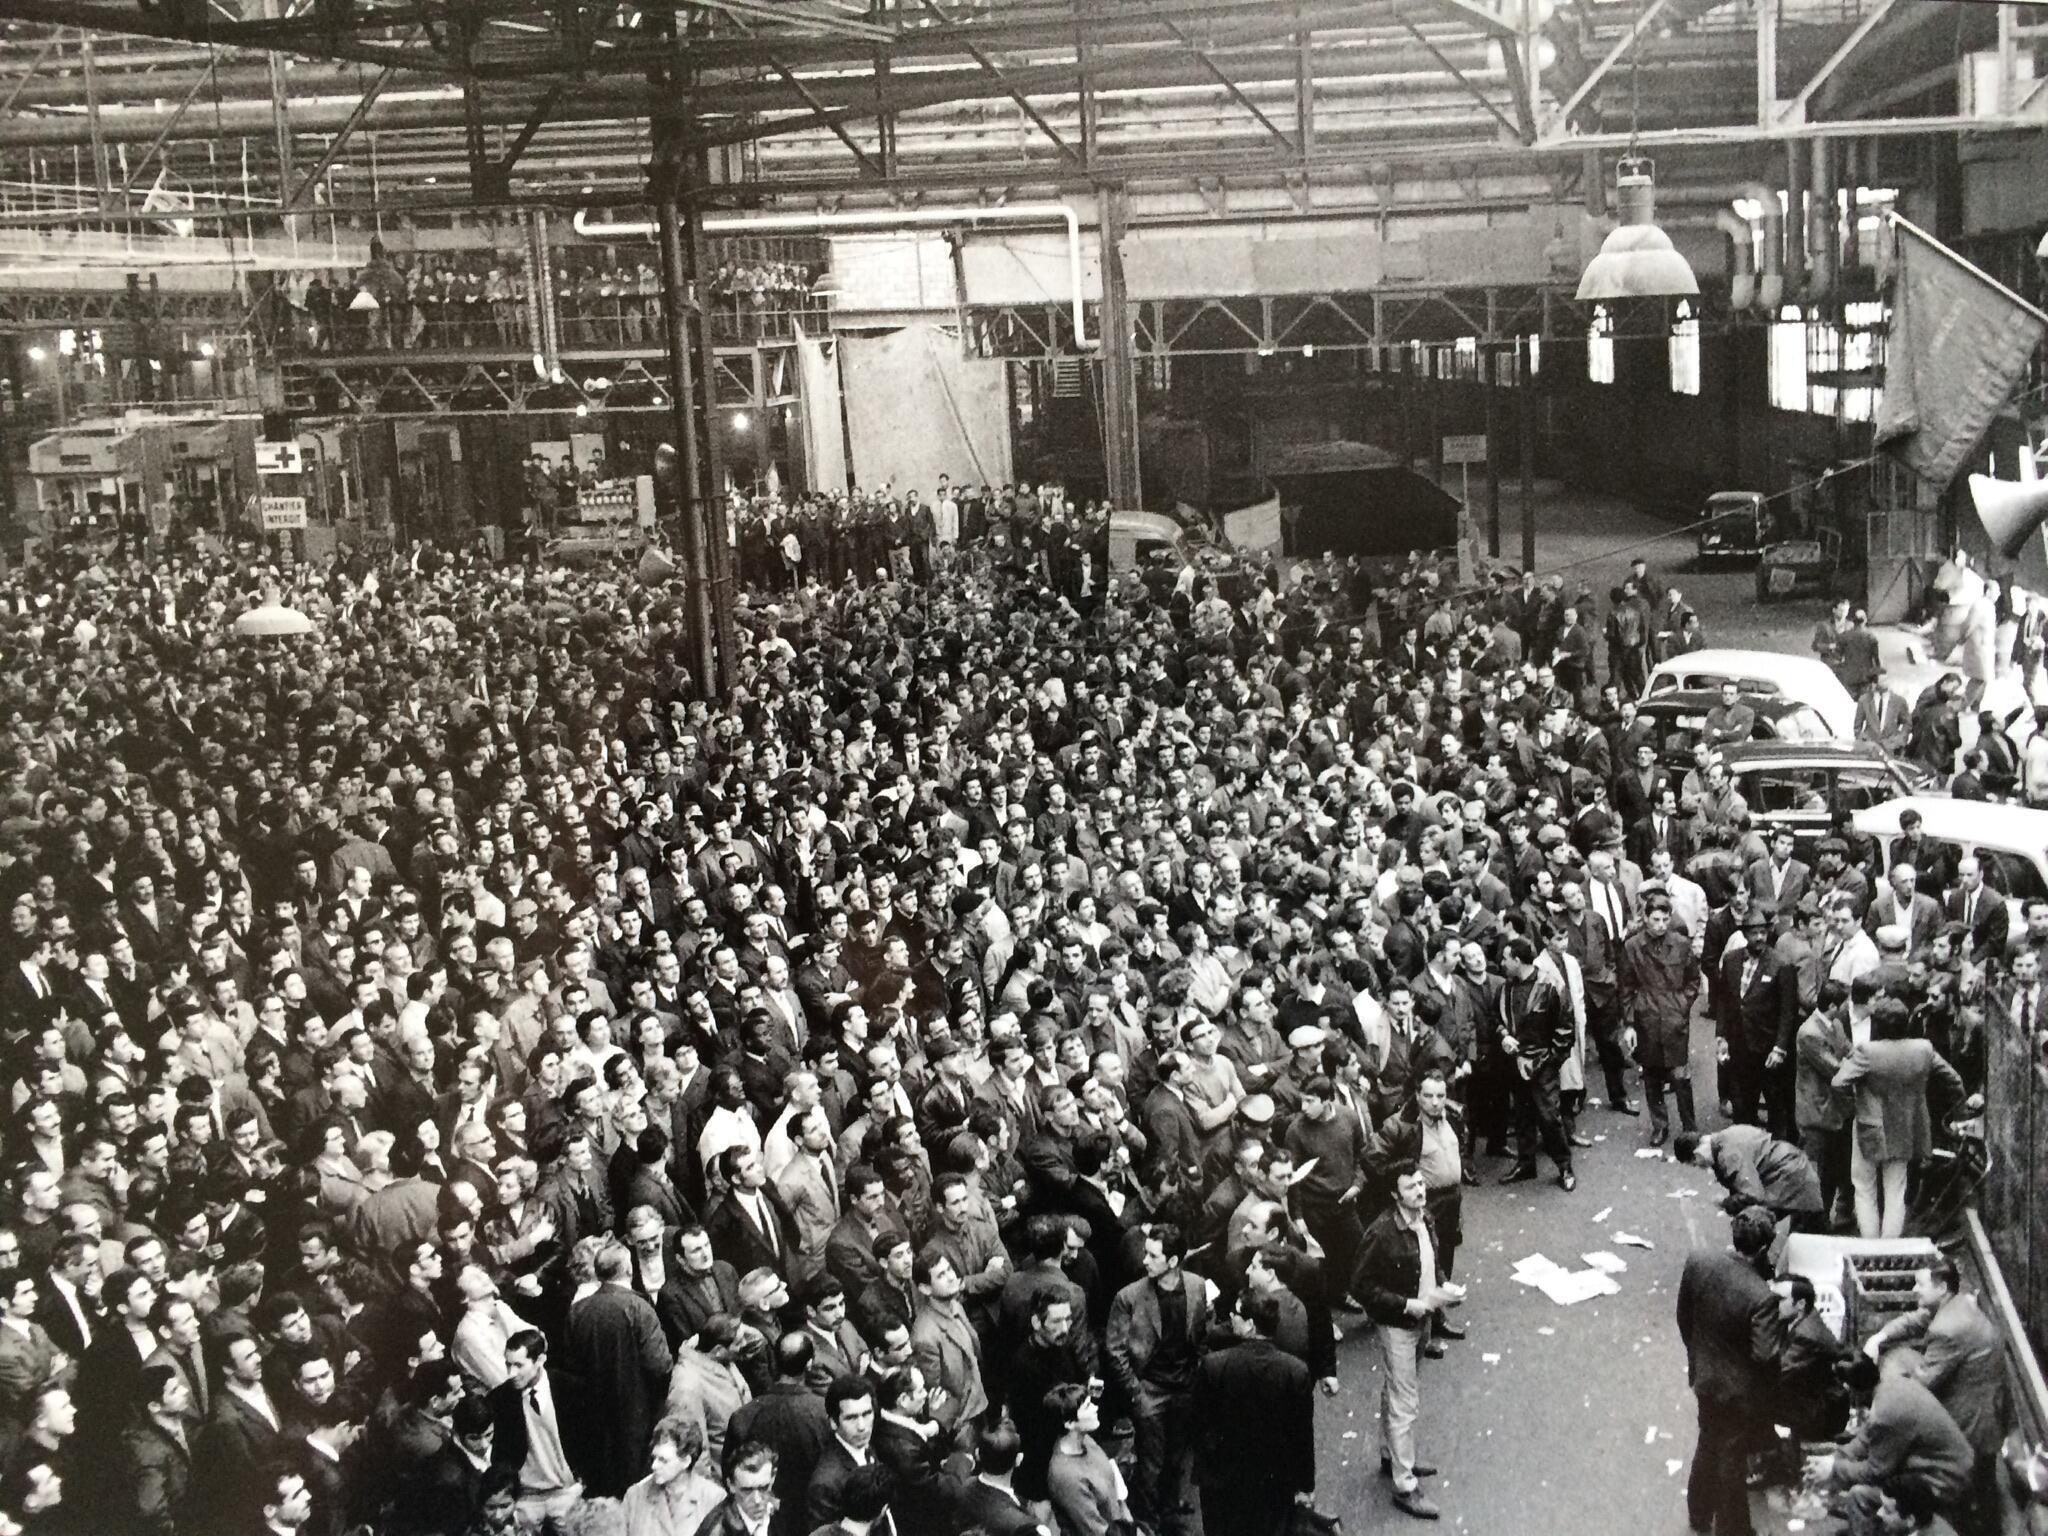 Завод «Рено» в Бийанкуре, под Парижем, 17 мая 1968 – голосование о продолжении стачки